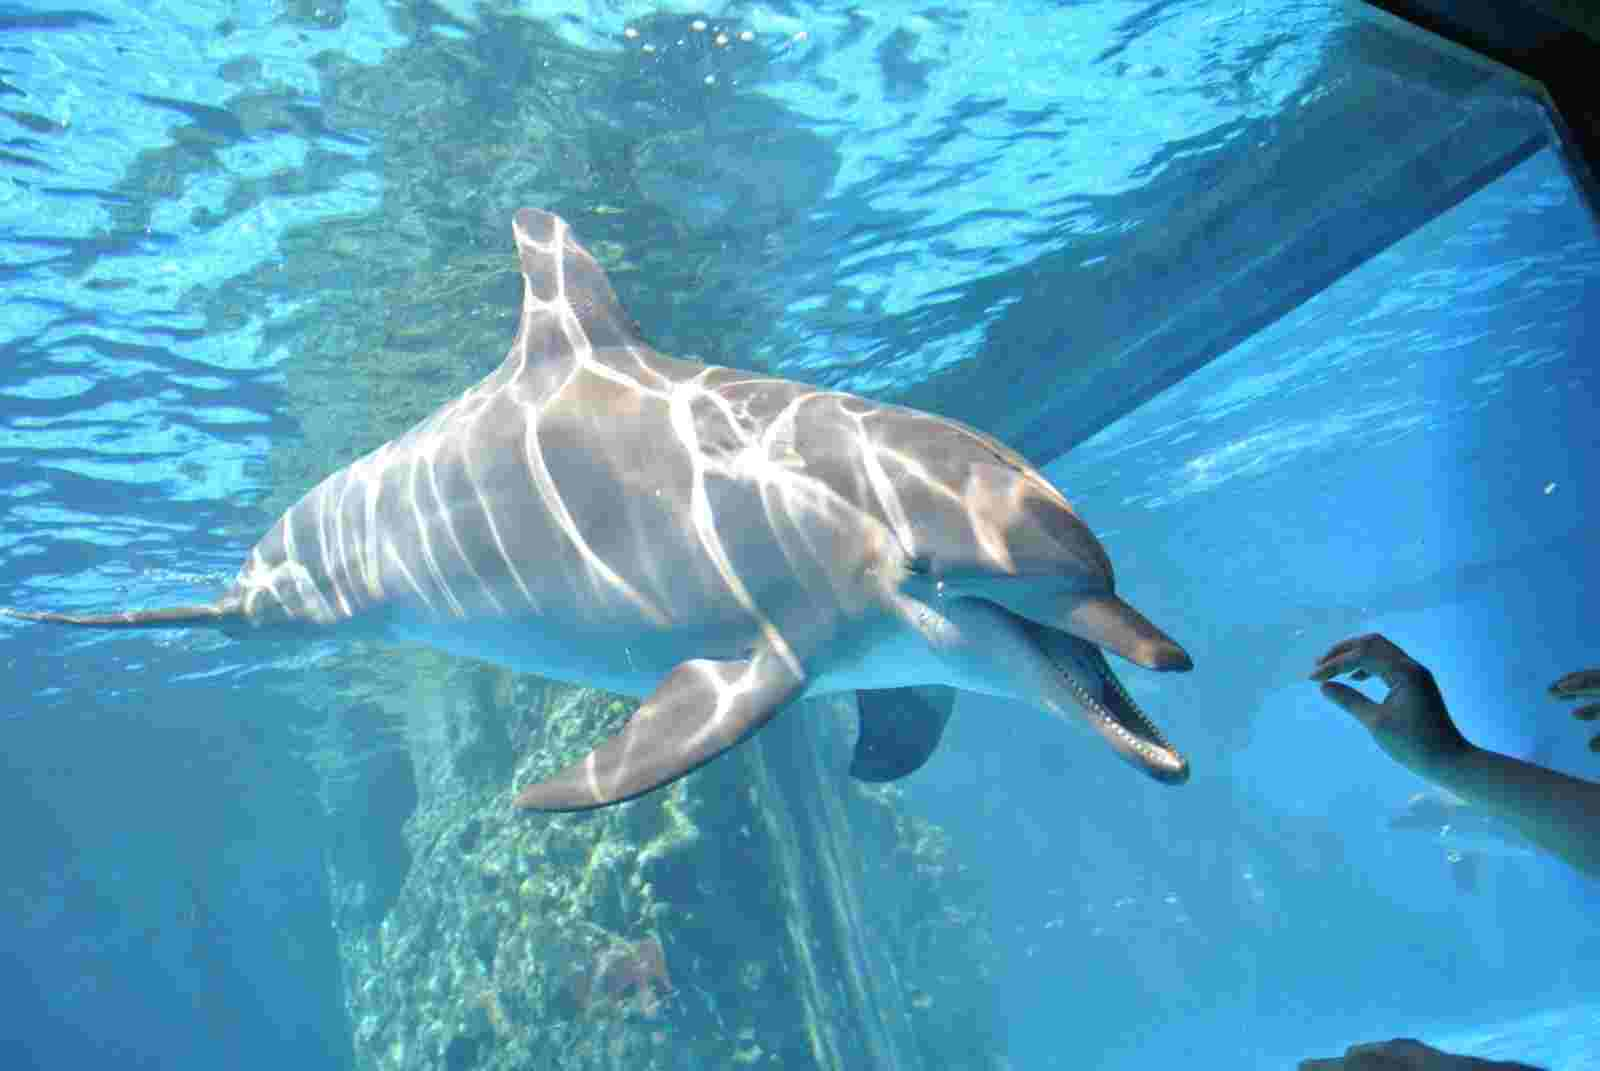 广州长隆野生动物园,大马戏,珠海长隆海洋王国两日游